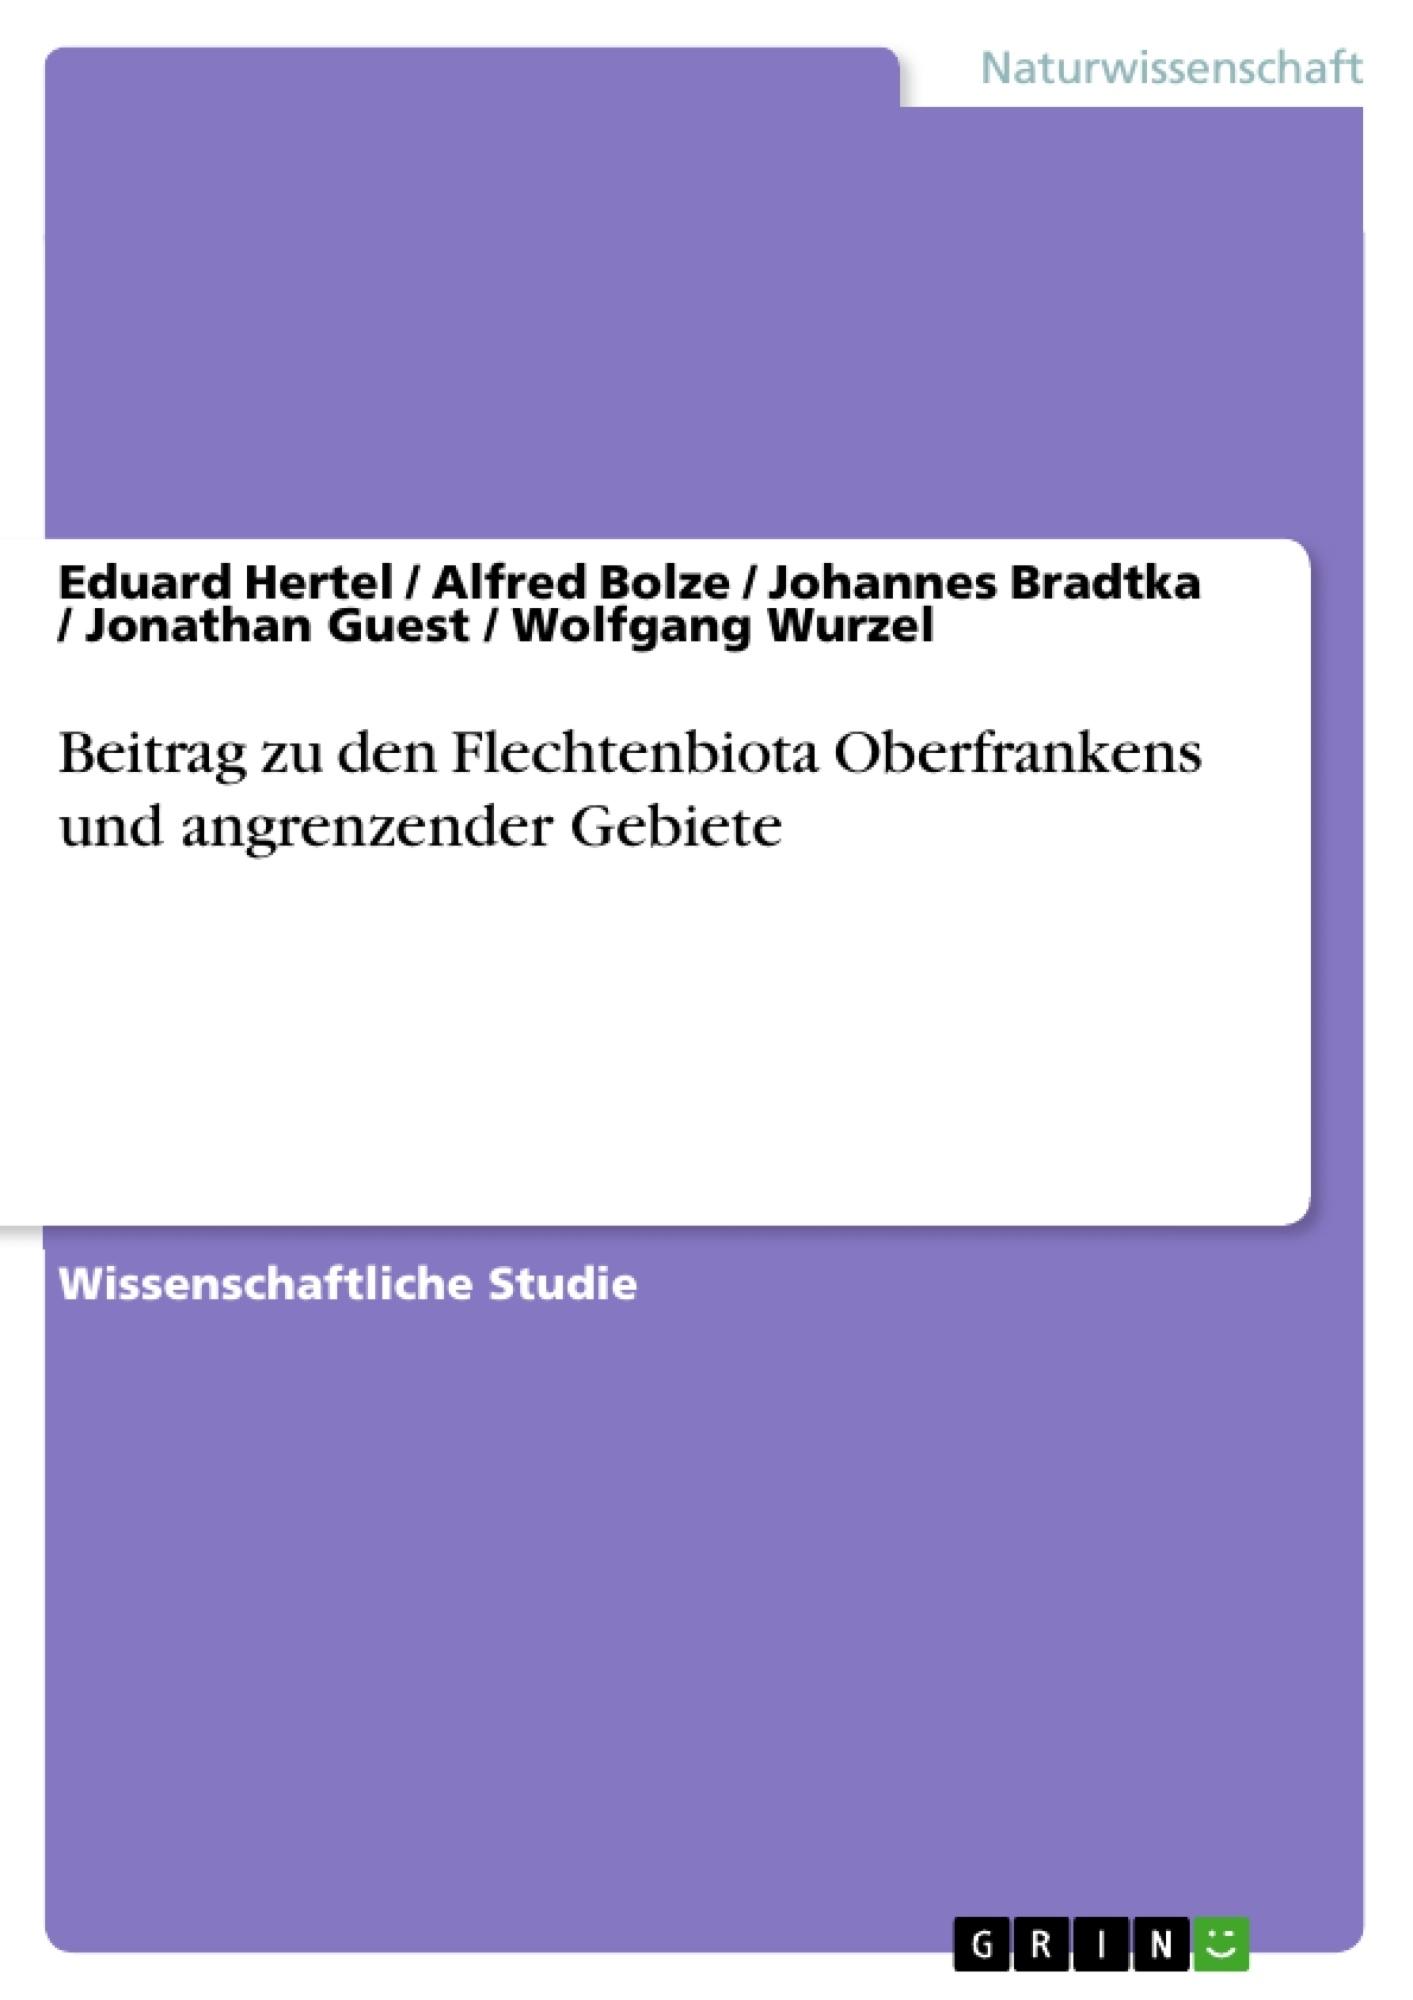 Titel: Beitrag zu den Flechtenbiota Oberfrankens und angrenzender Gebiete